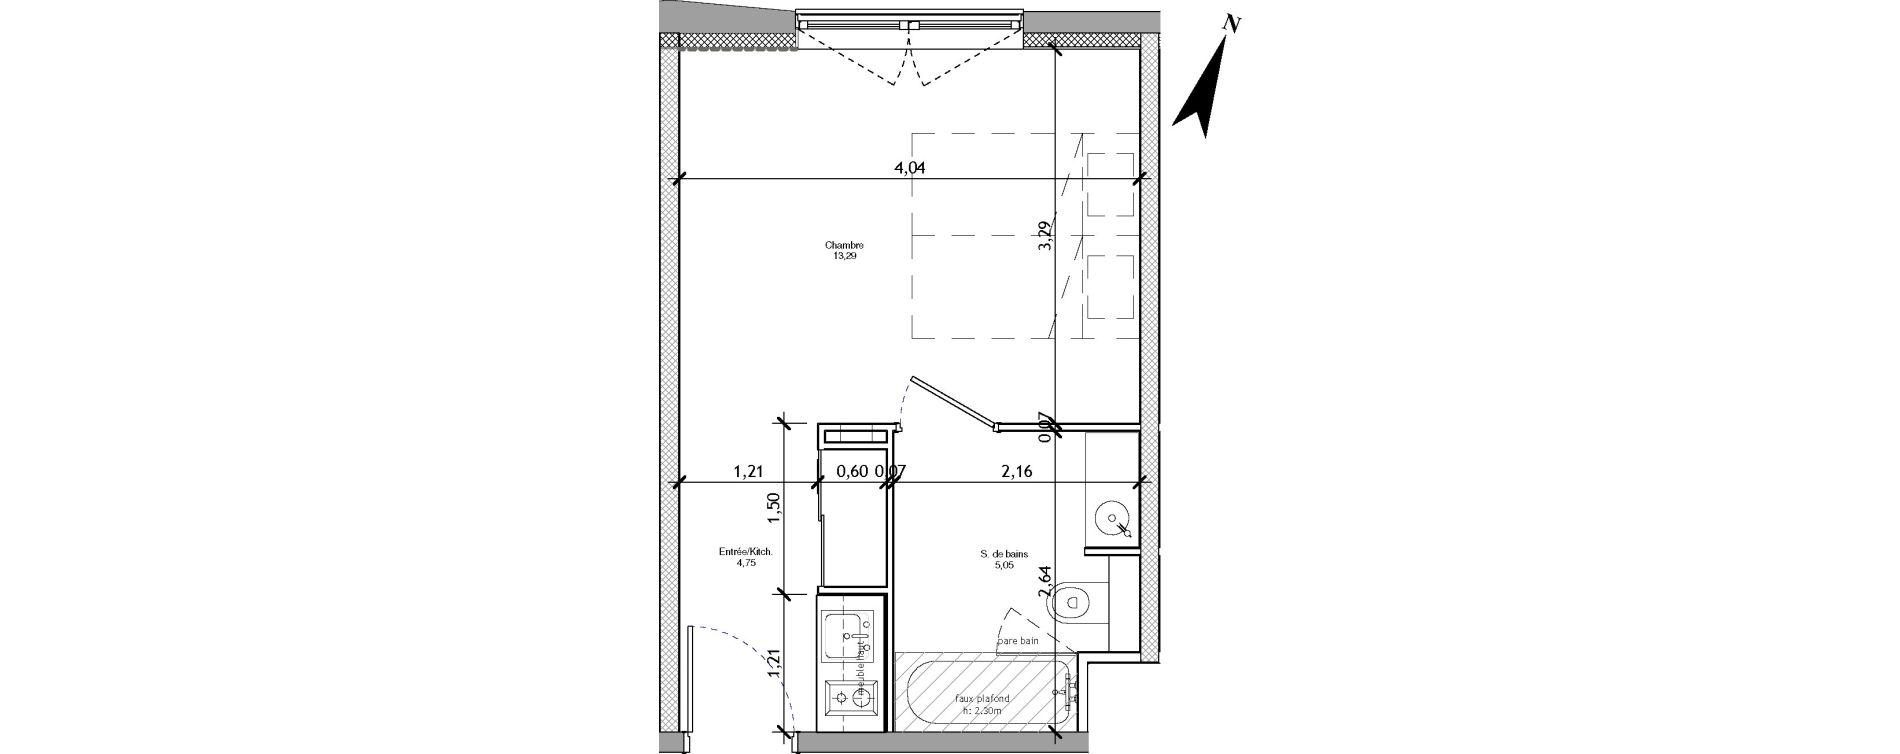 Appartement T1 meublé de 23,27 m2 à Angers La fayette-eble